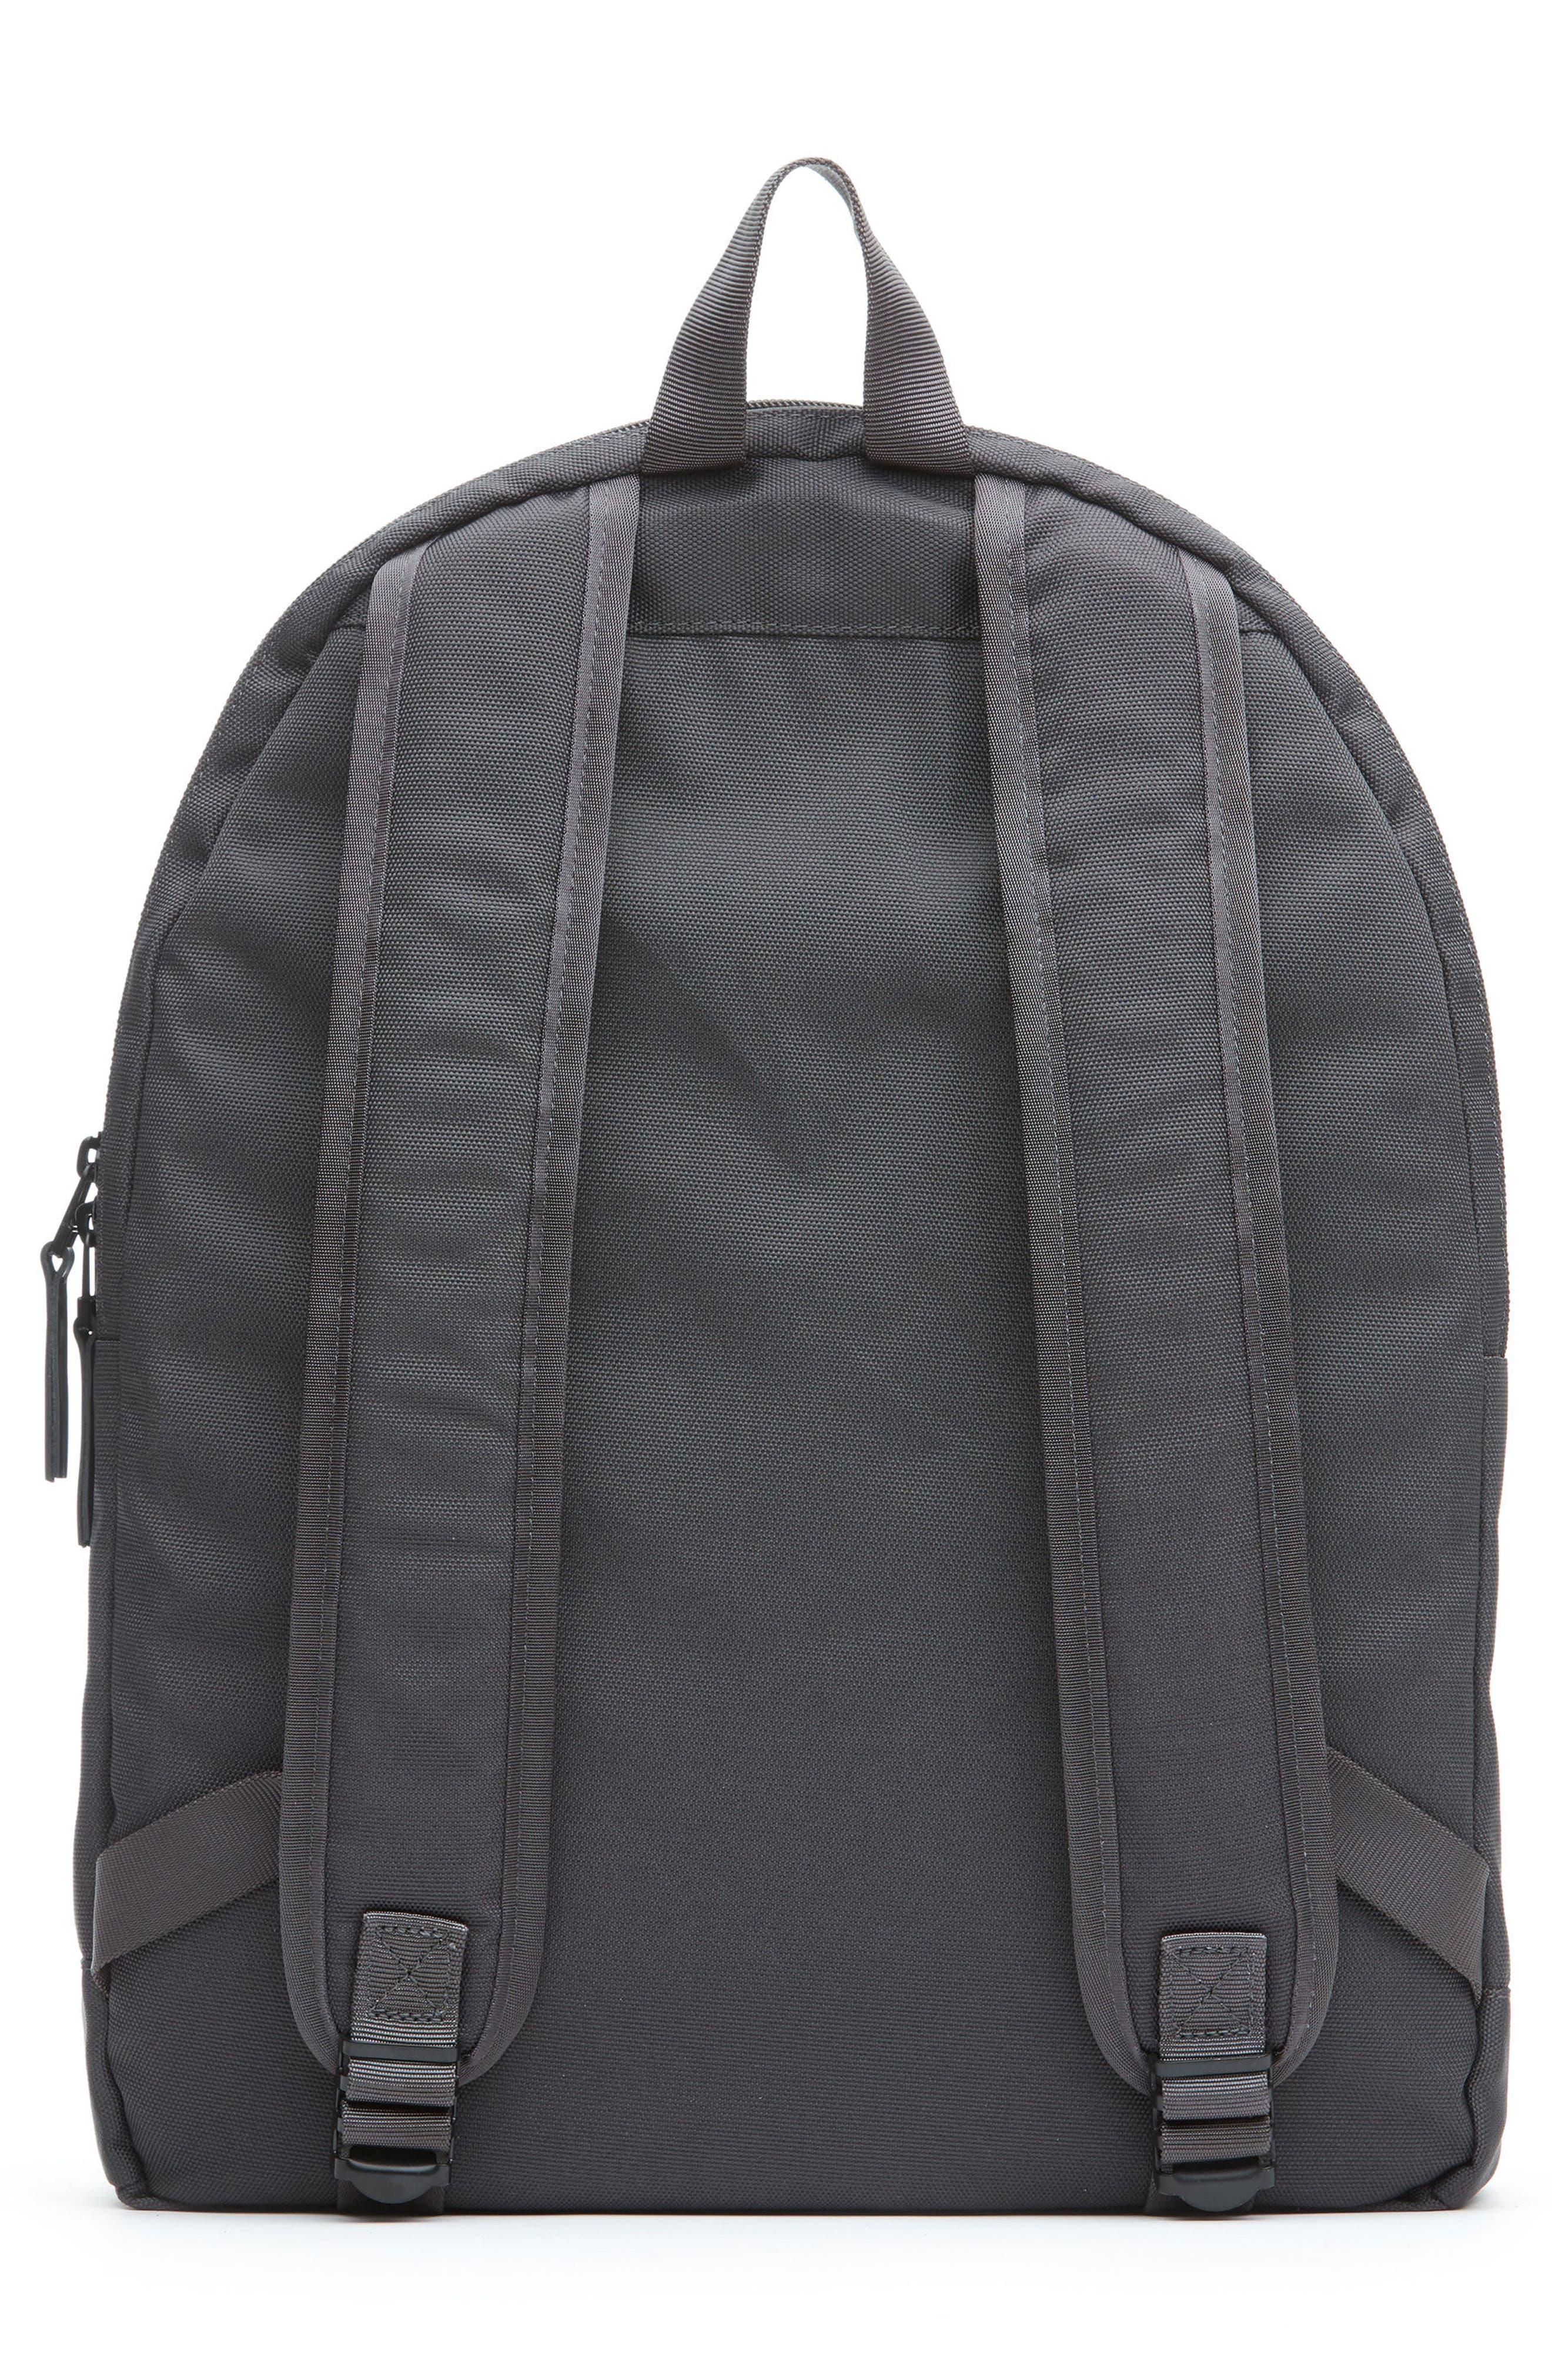 Lancer Backpack,                             Alternate thumbnail 2, color,                             Charcoal